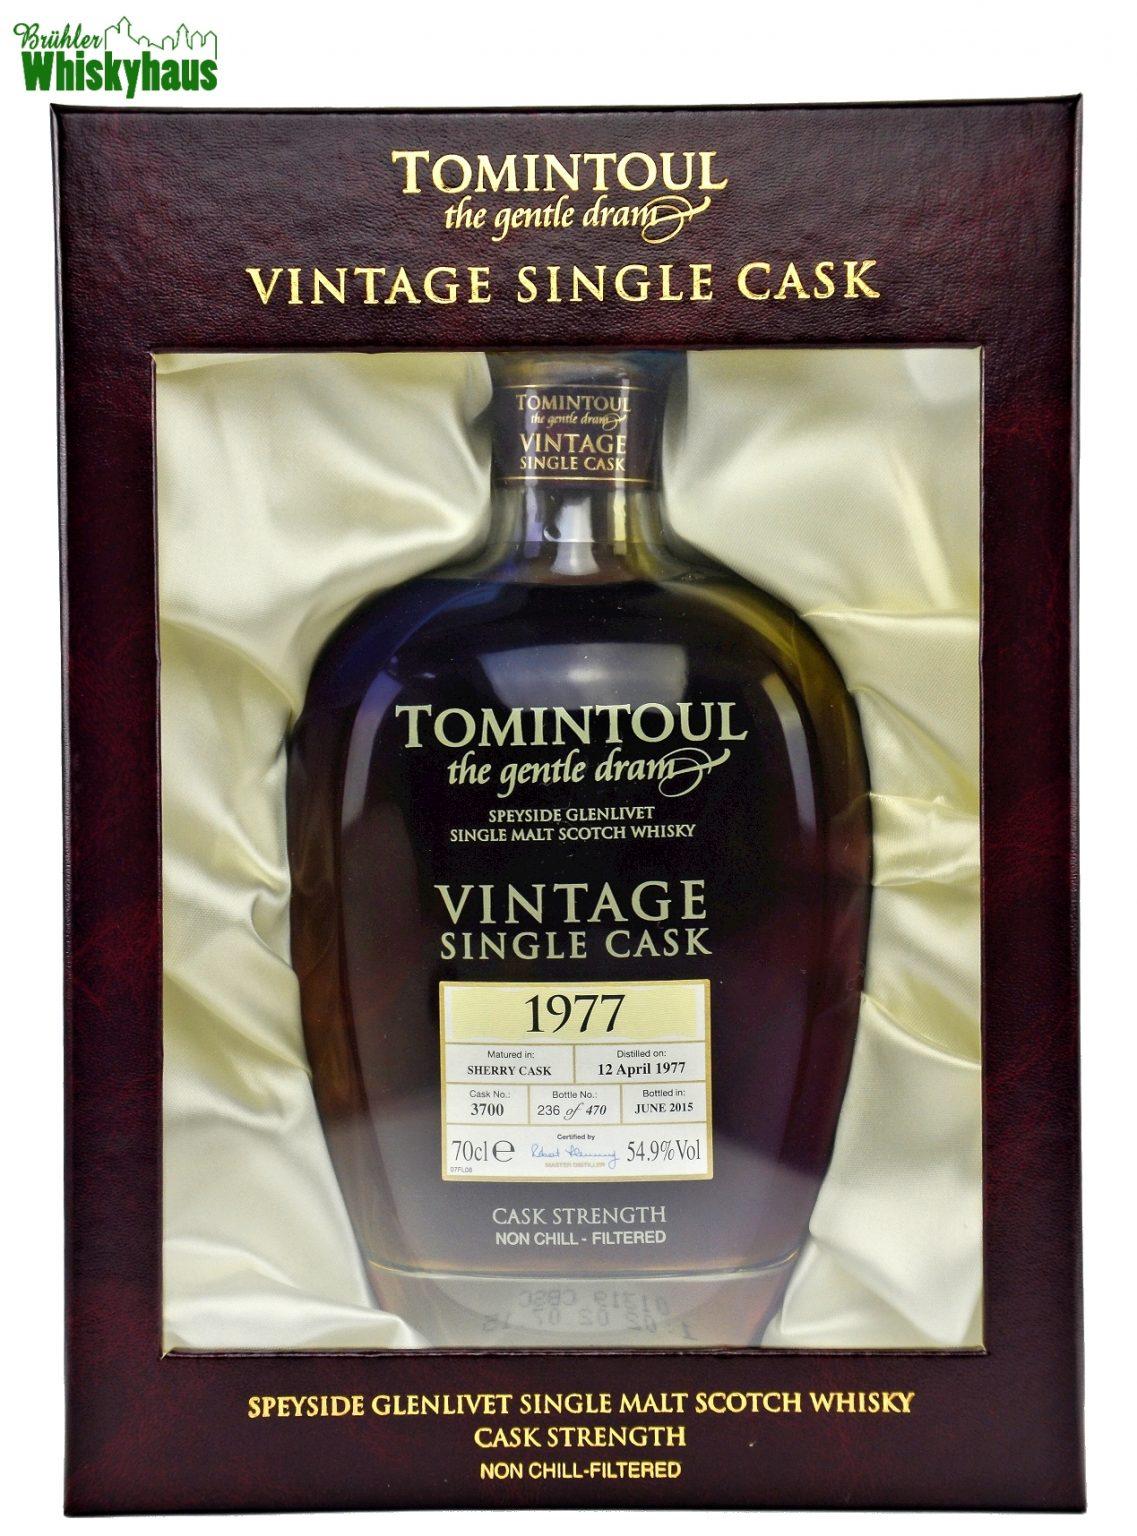 Tomintoul Vintage 1977 - 38 Jahre - Sherry Cask No. 3700 - Single Malt Scotch Whisky